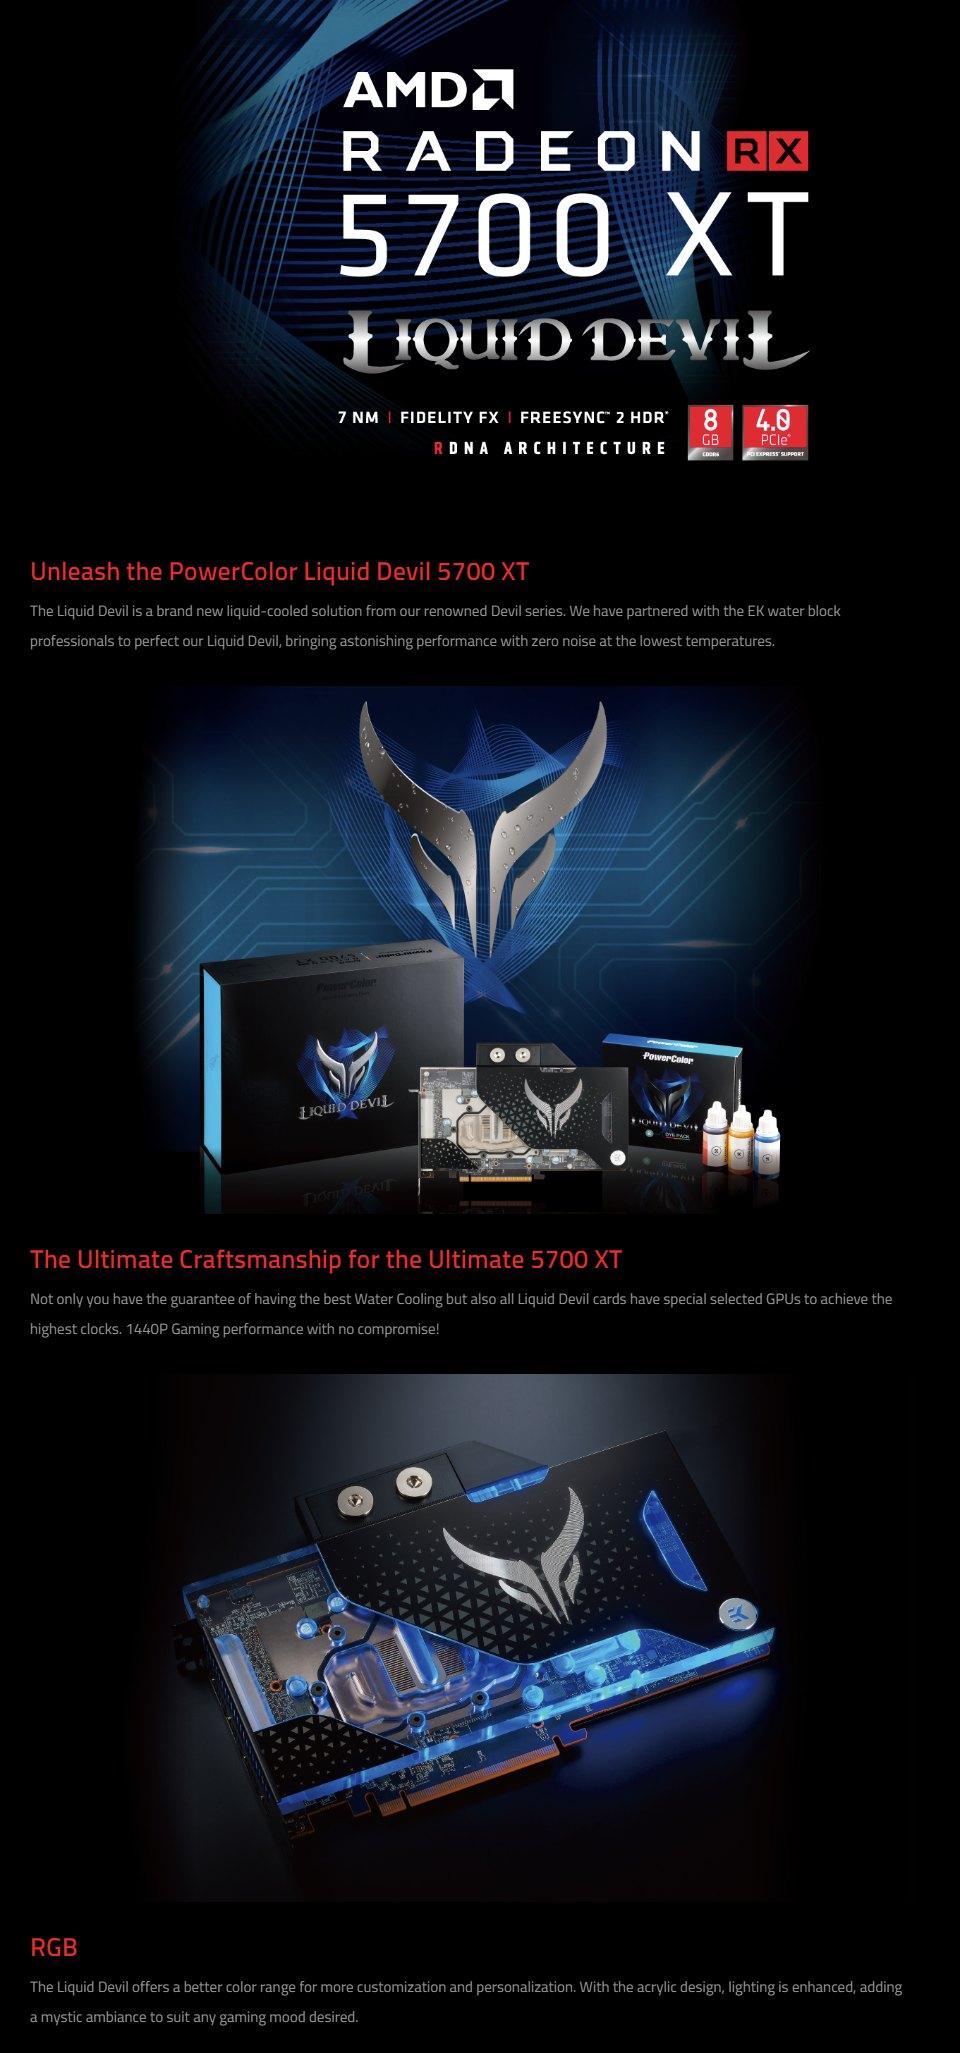 PowerColor Radeon RX 5700 XT Liquid Devil 8GB features